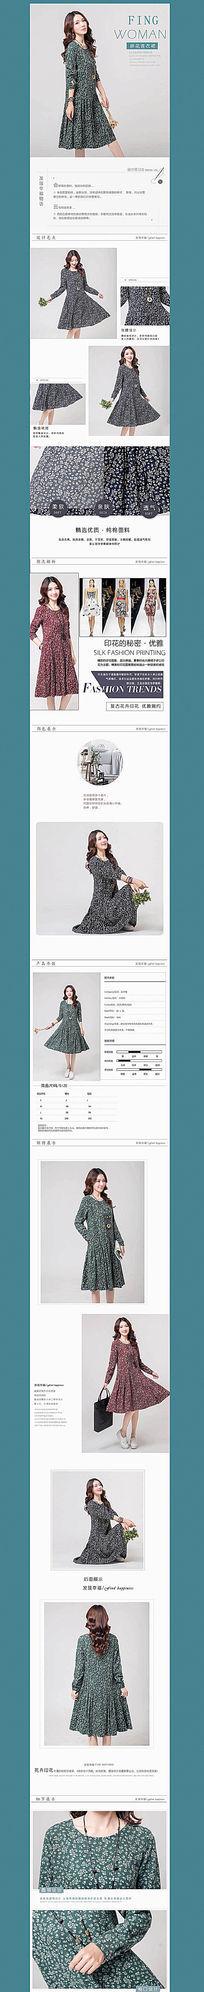 文艺范女装详情描述布衣裙子排版图片下载淘宝女装文艺范详情描述排版设计